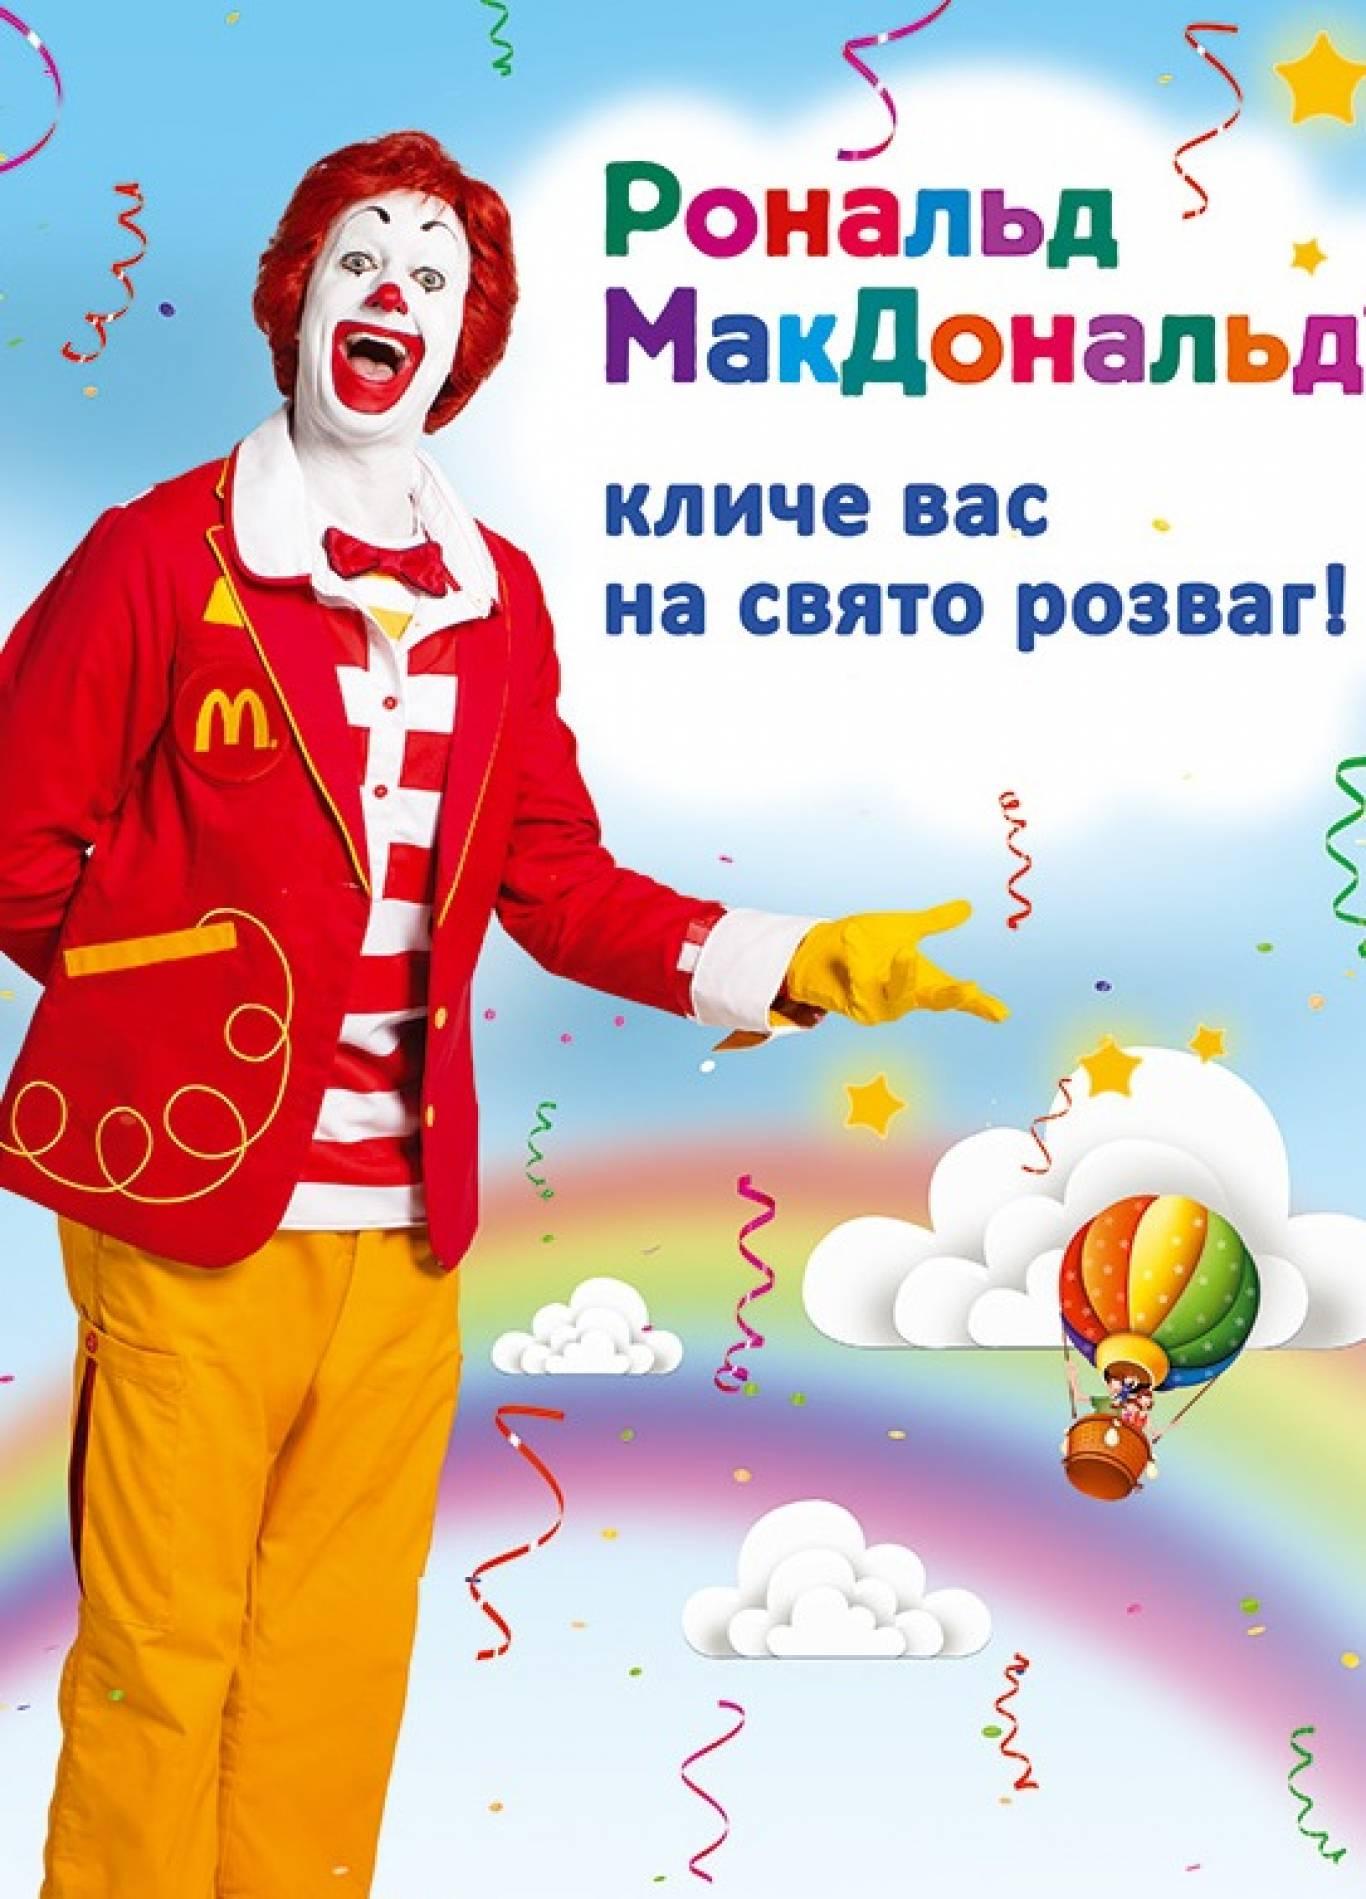 Шоу Рональда МакДональда